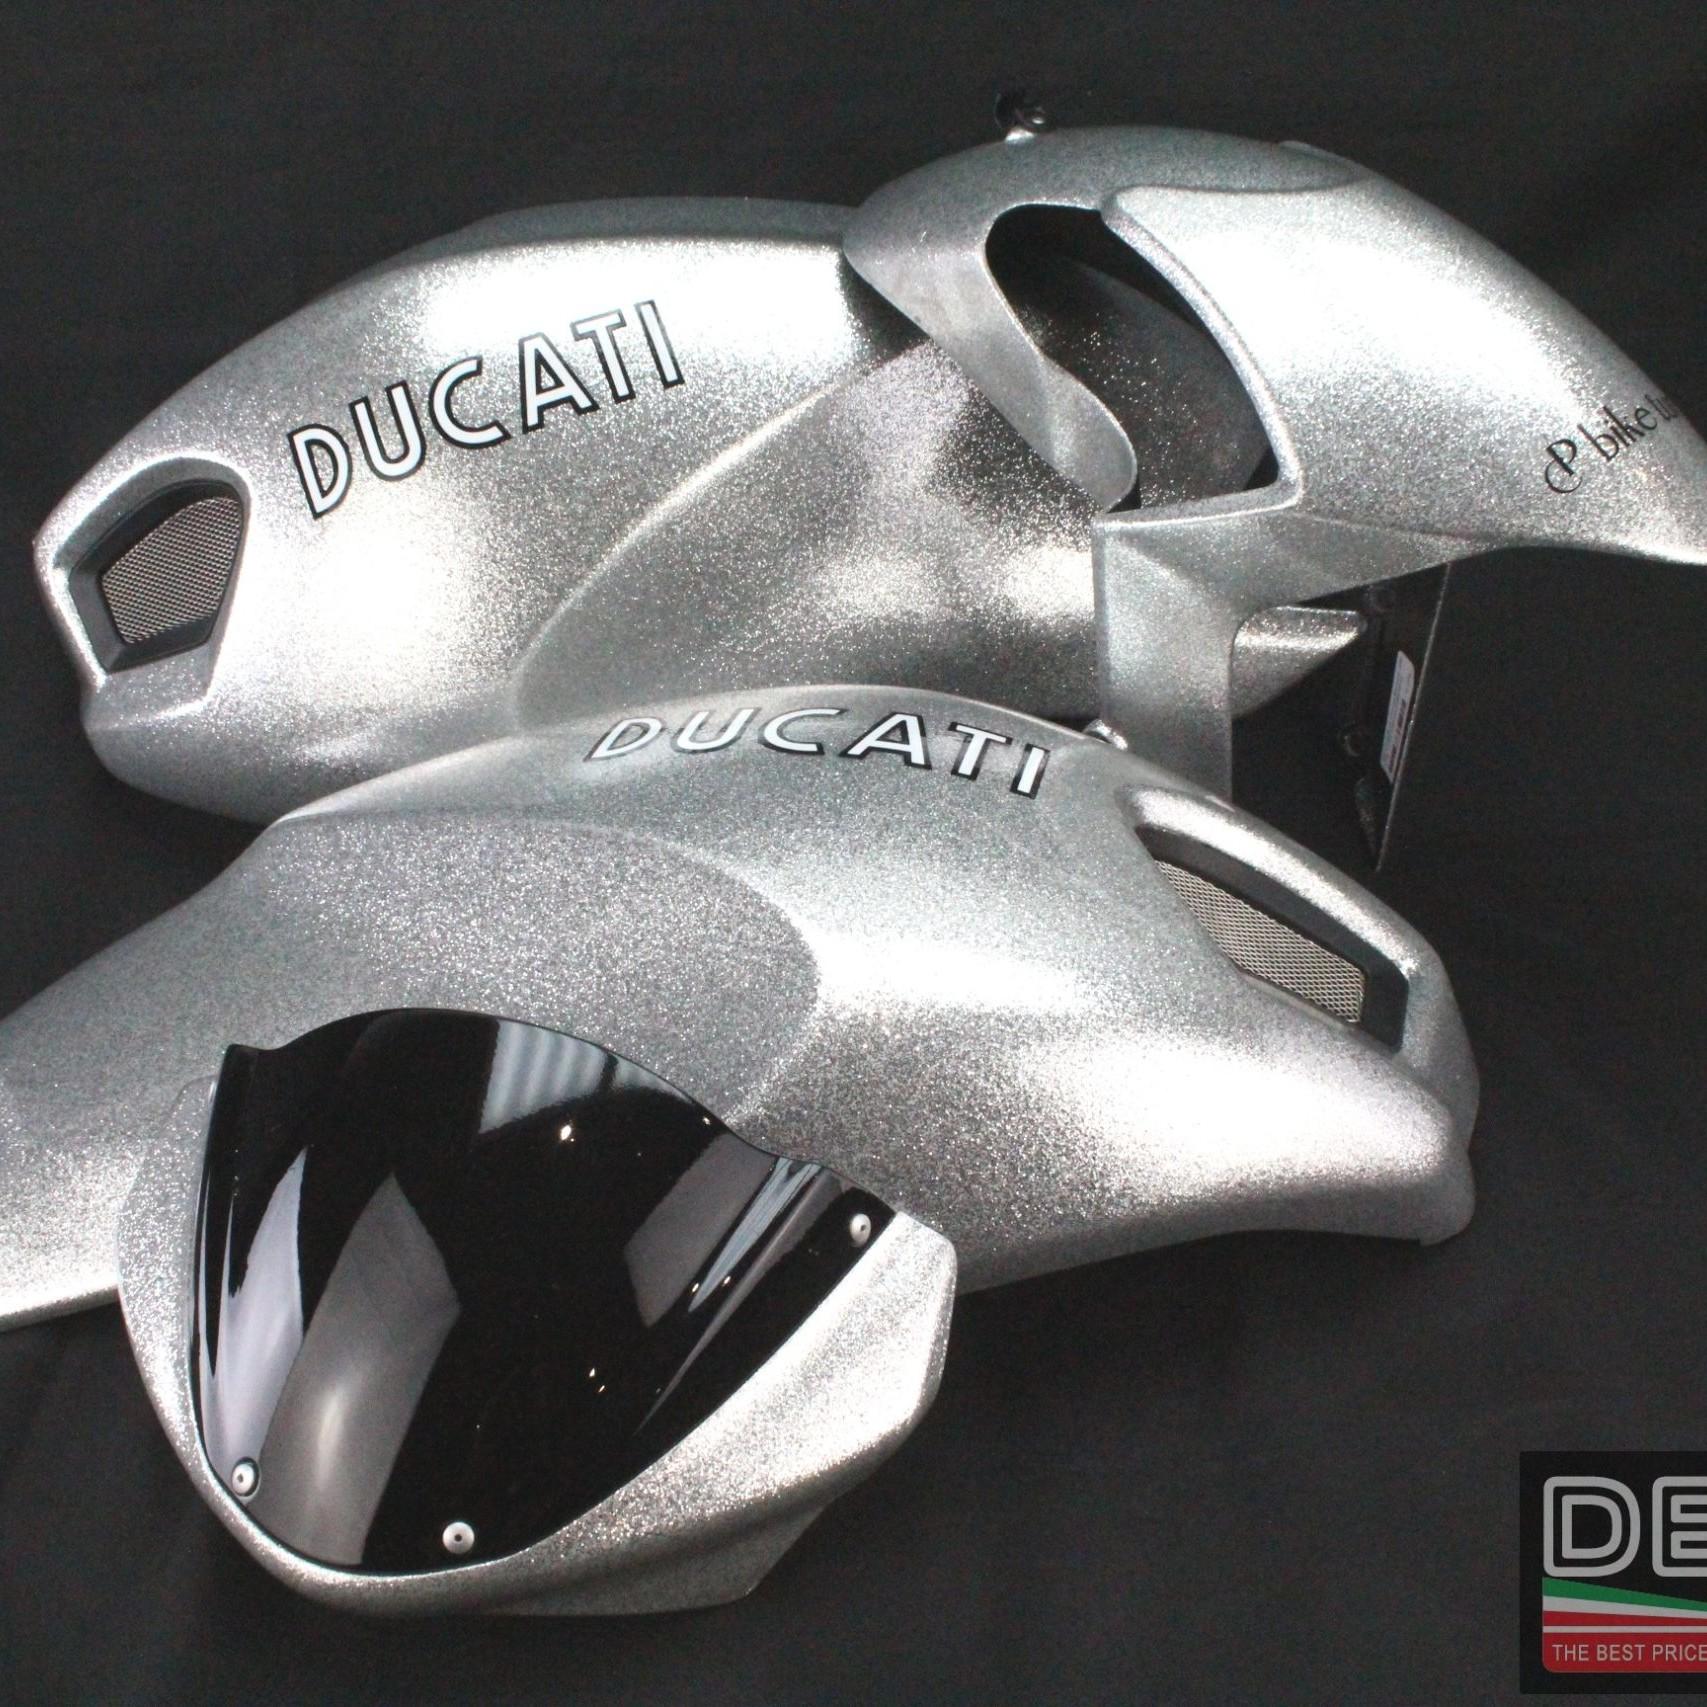 Kit vestizione Ducati Monster 696 796 1100 argento brillantato